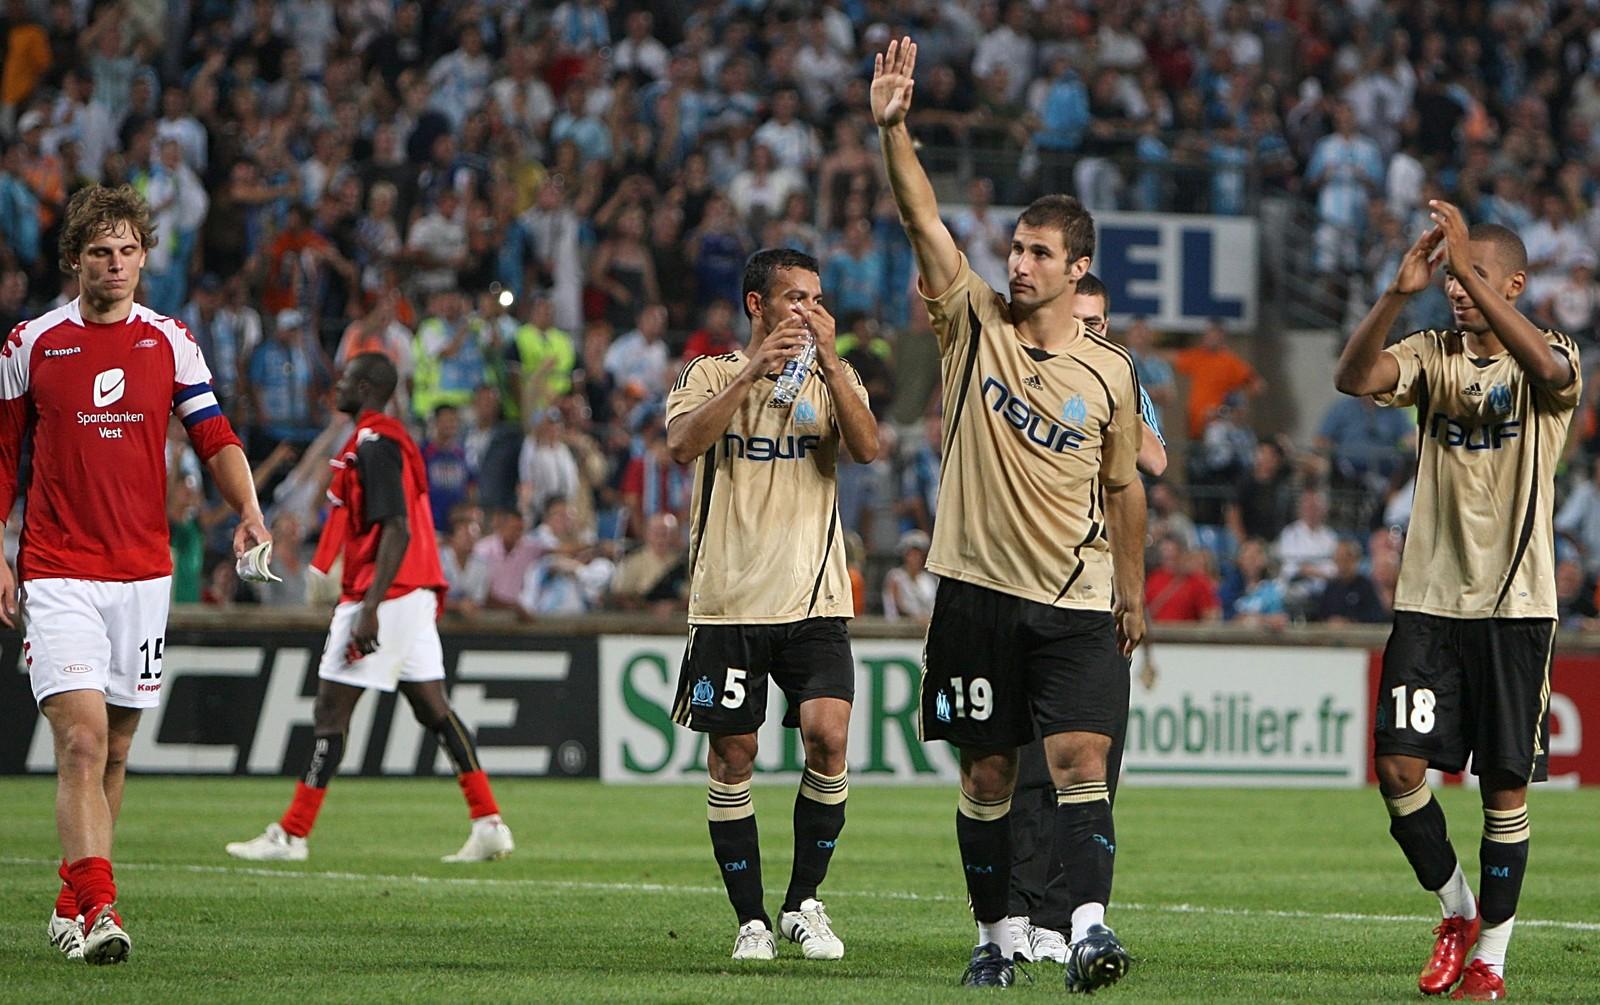 YPPET SEG: Brann var nær ved å kvalifisere seg til Champions League i 2008, men møtte sine overmenn i Marseille.